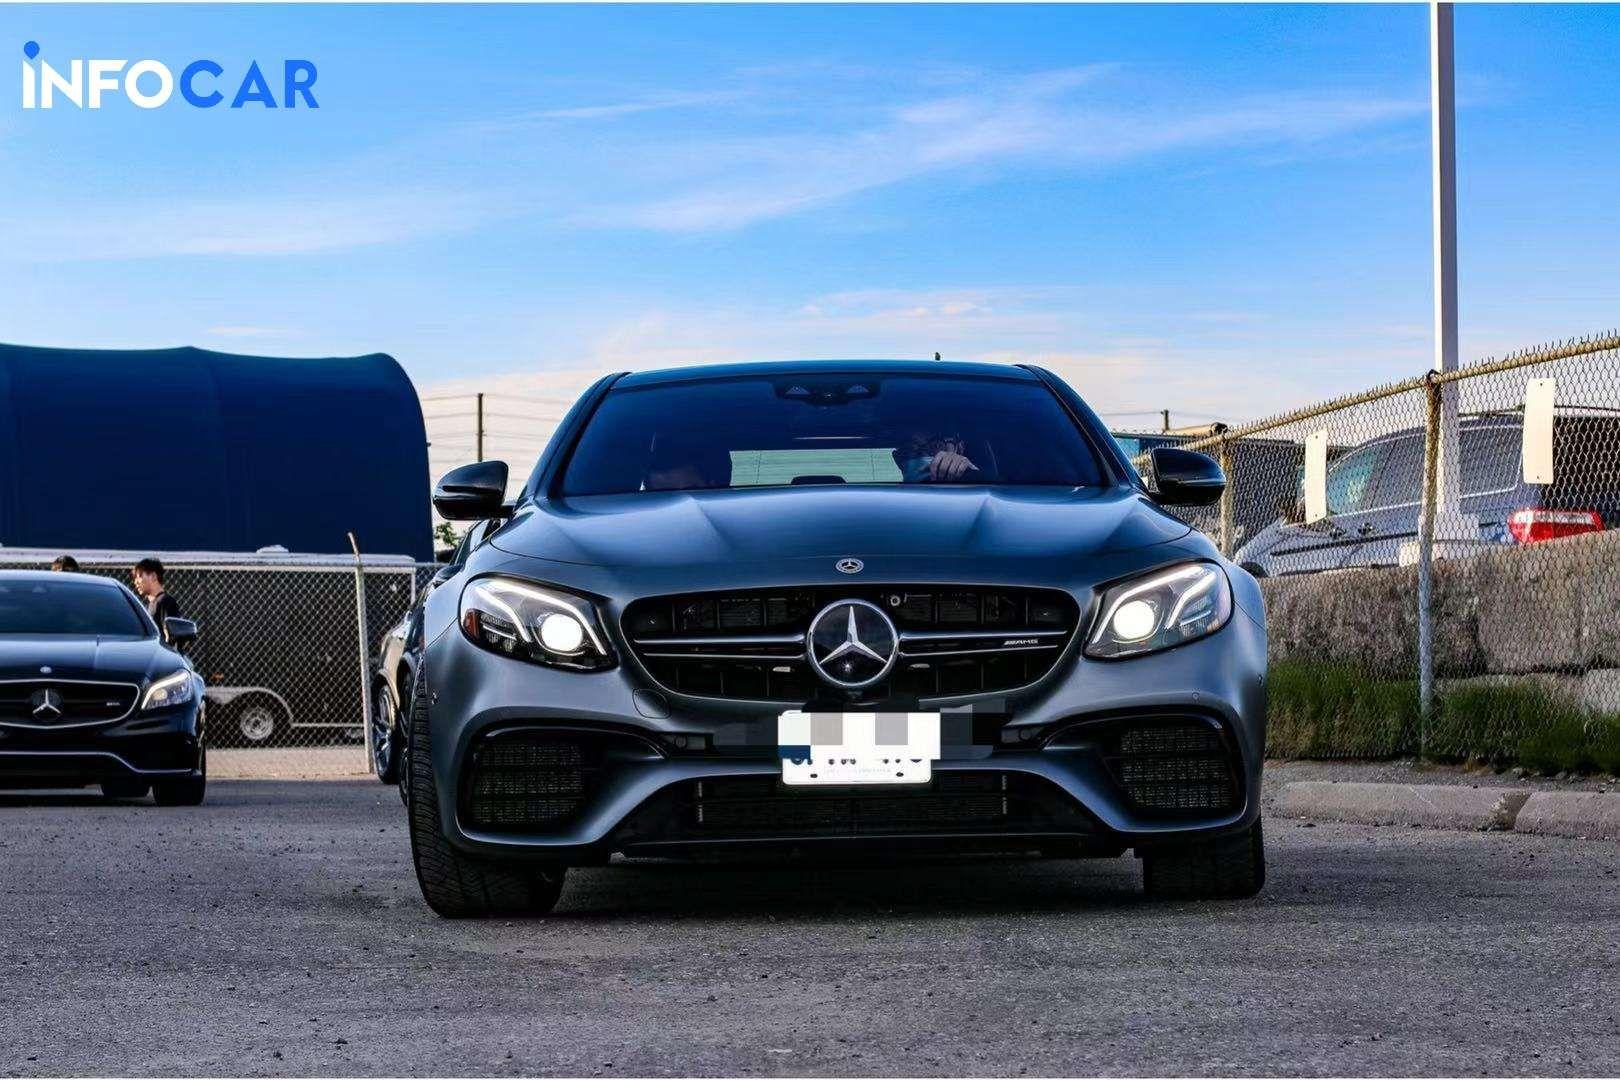 2019 Mercedes-Benz E-Class E63S - INFOCAR - Toronto's Most Comprehensive New and Used Auto Trading Platform